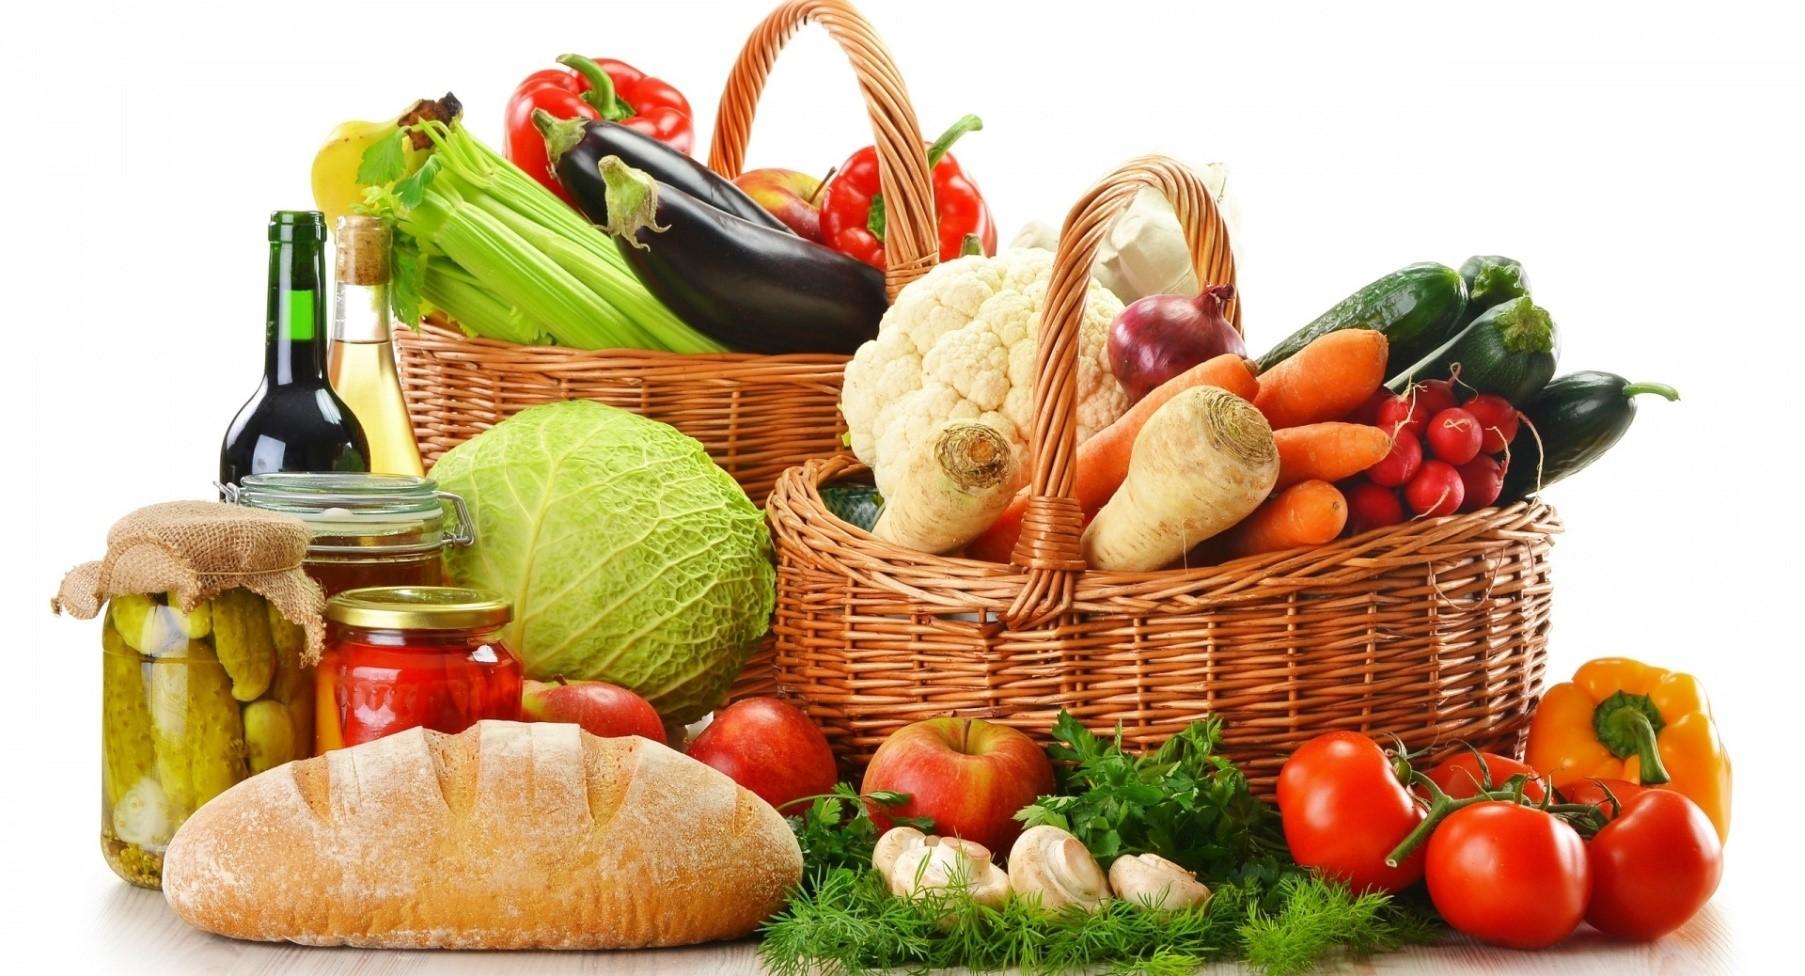 Hastalıklara karşı mucizevi yiyecekler